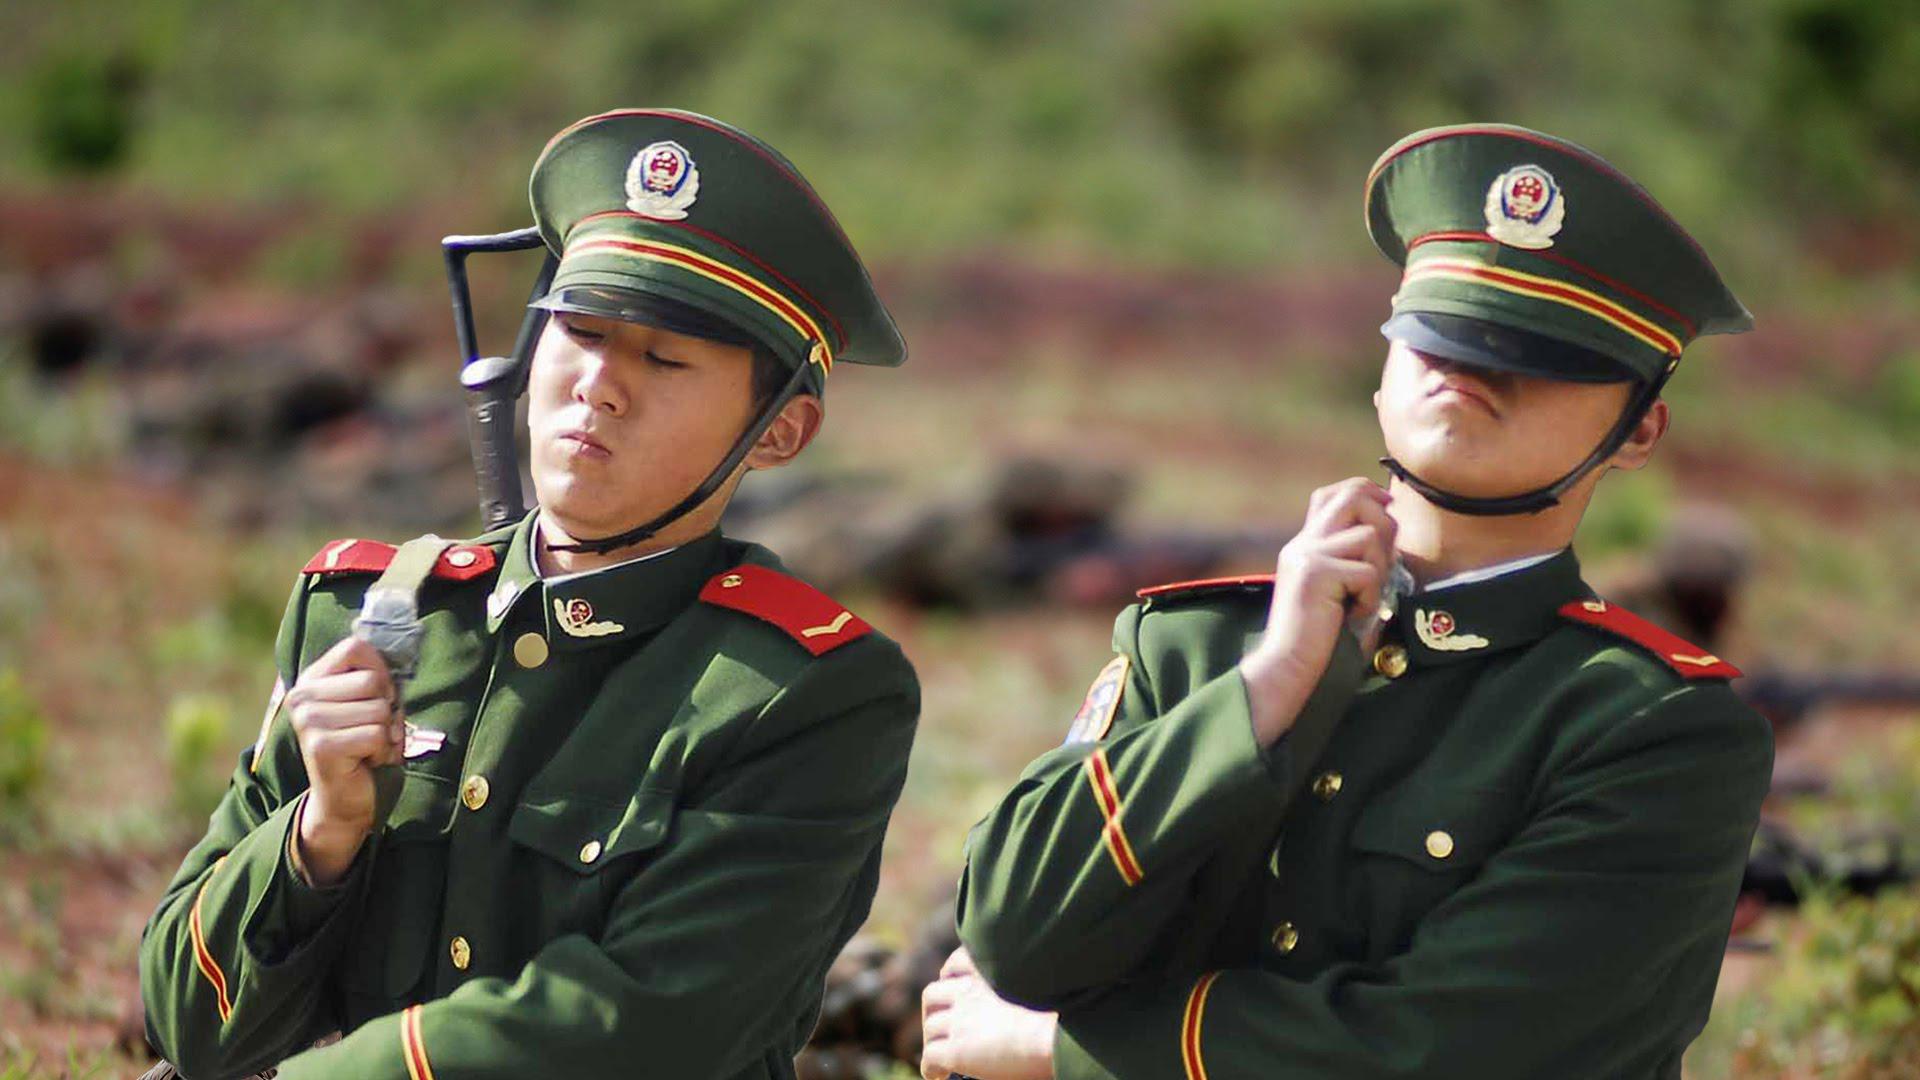 China e ASEAN promovem exercícios militares para reforçar confiança mútua